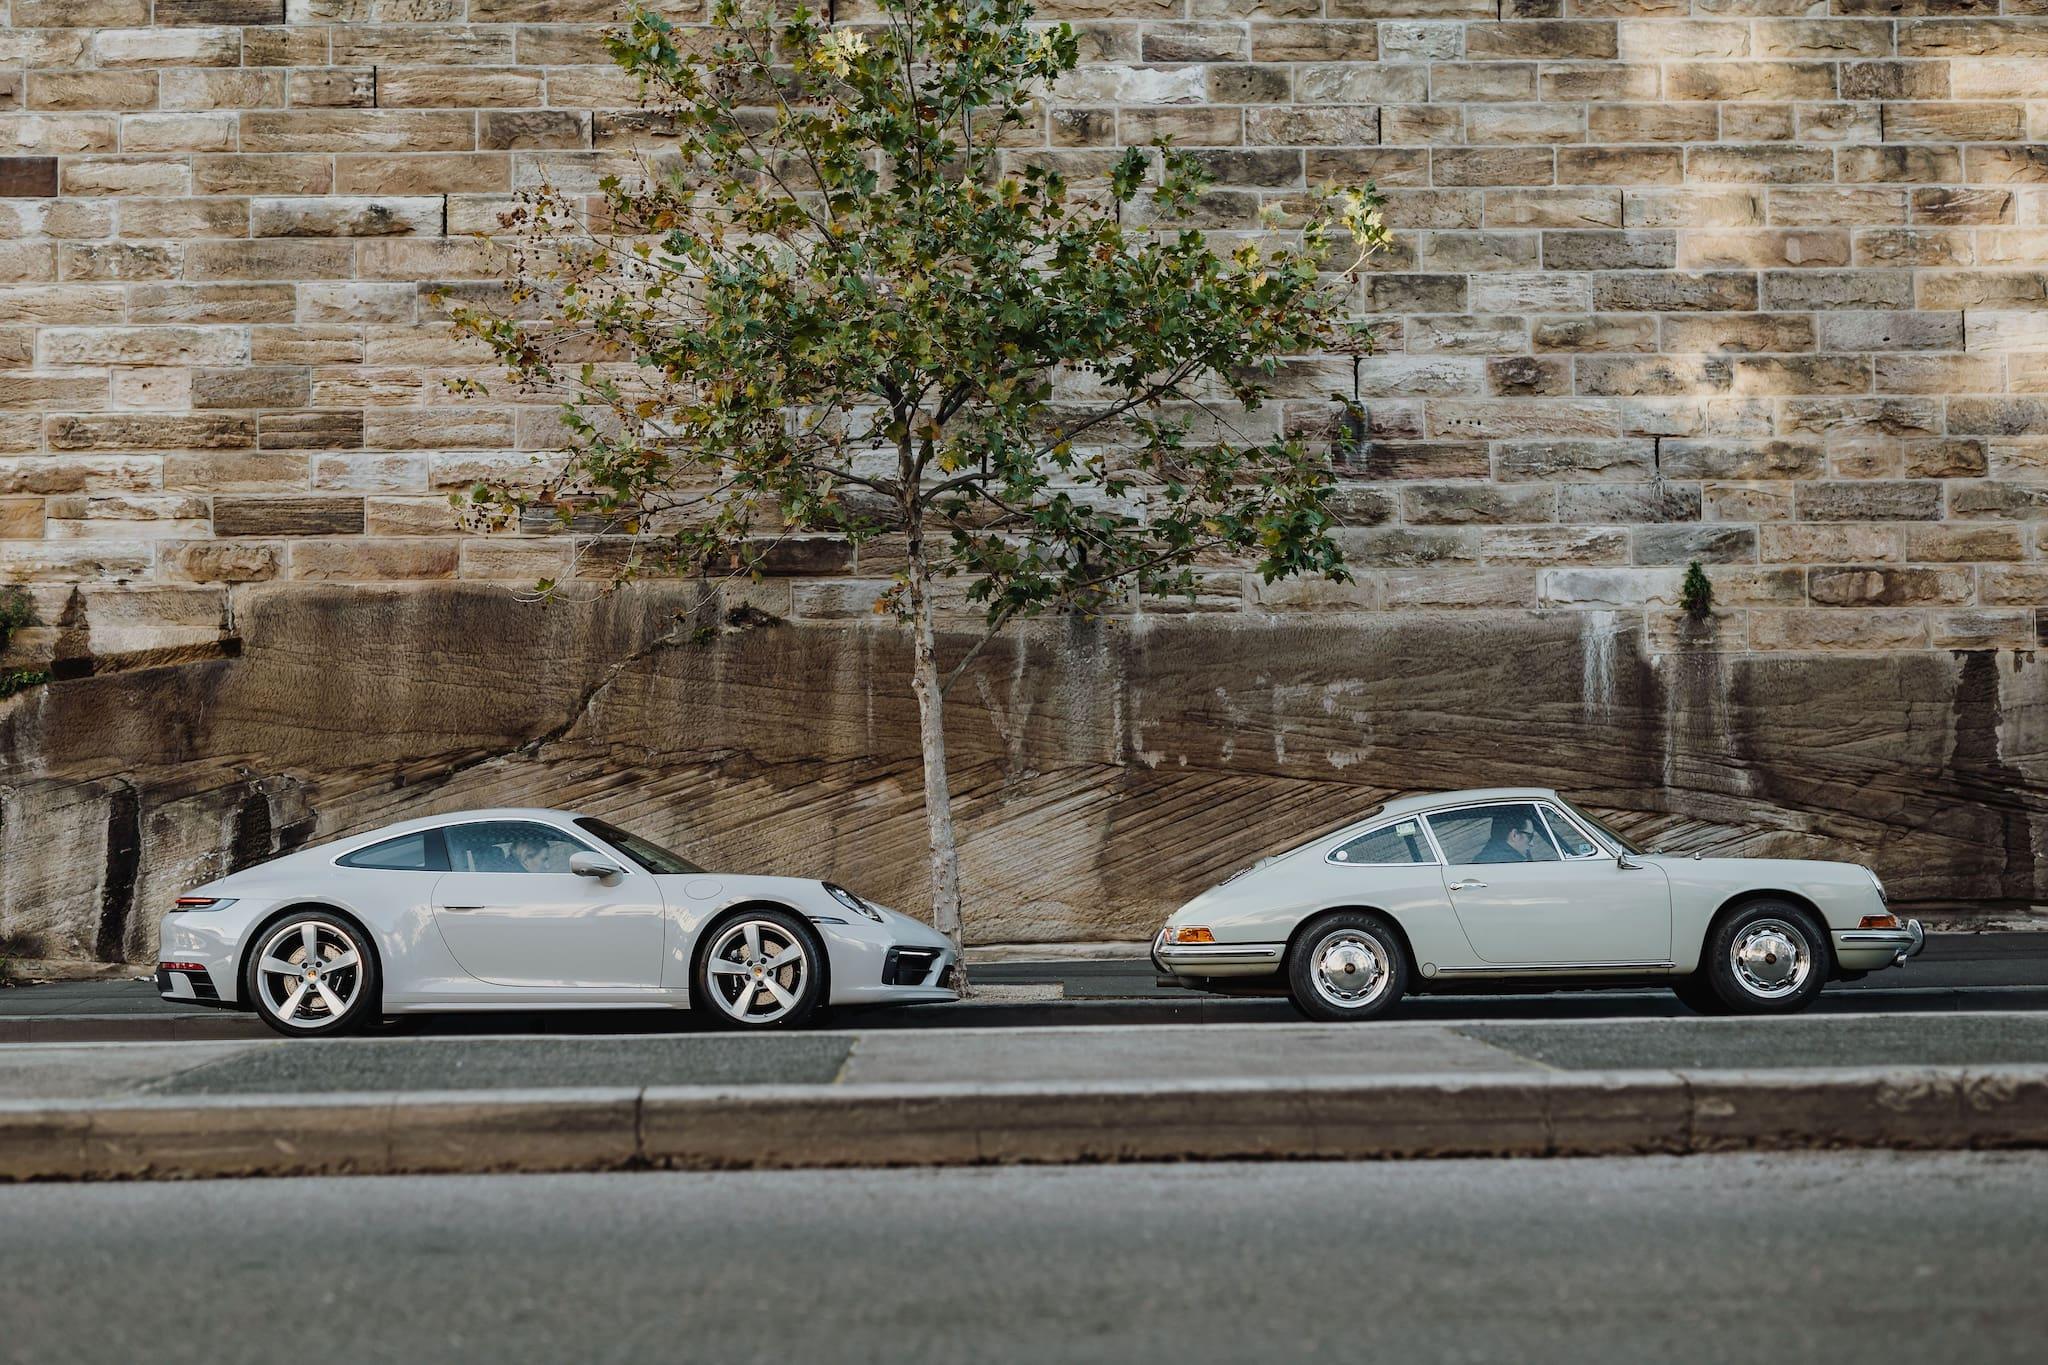 Porsche 911 Australia program